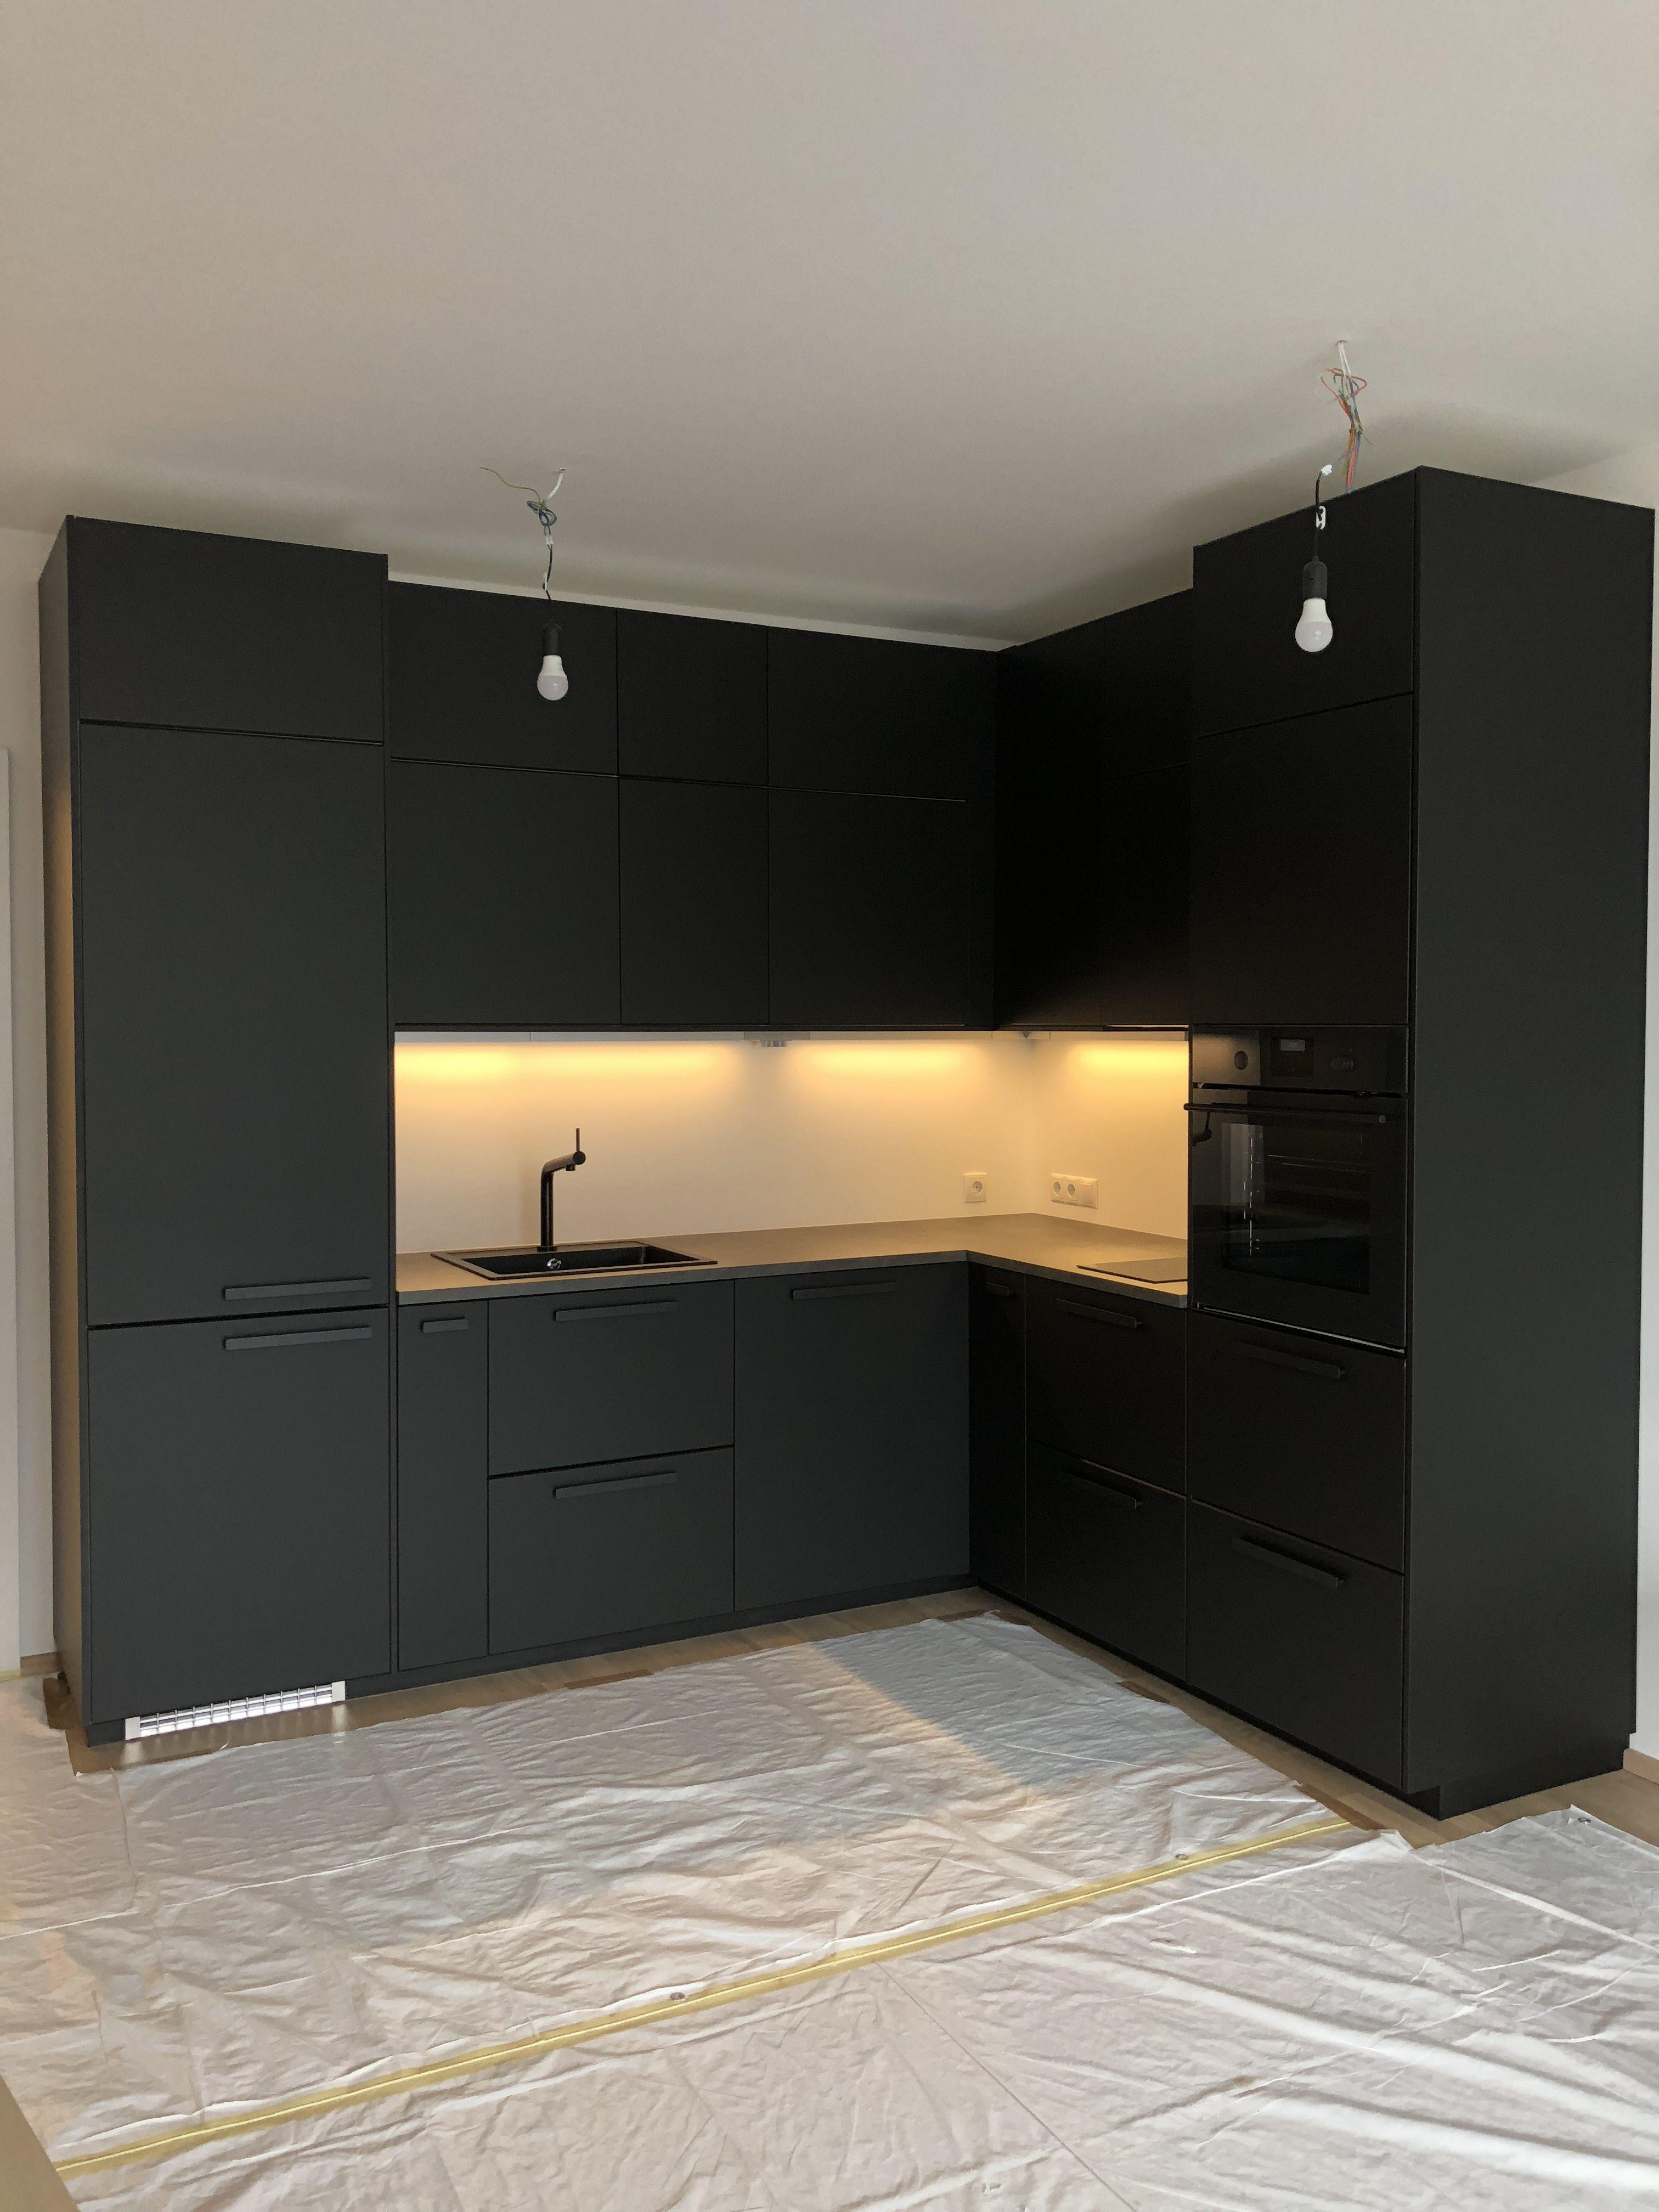 pin van irena op my kitchen kungsbacka ikea keuken. Black Bedroom Furniture Sets. Home Design Ideas